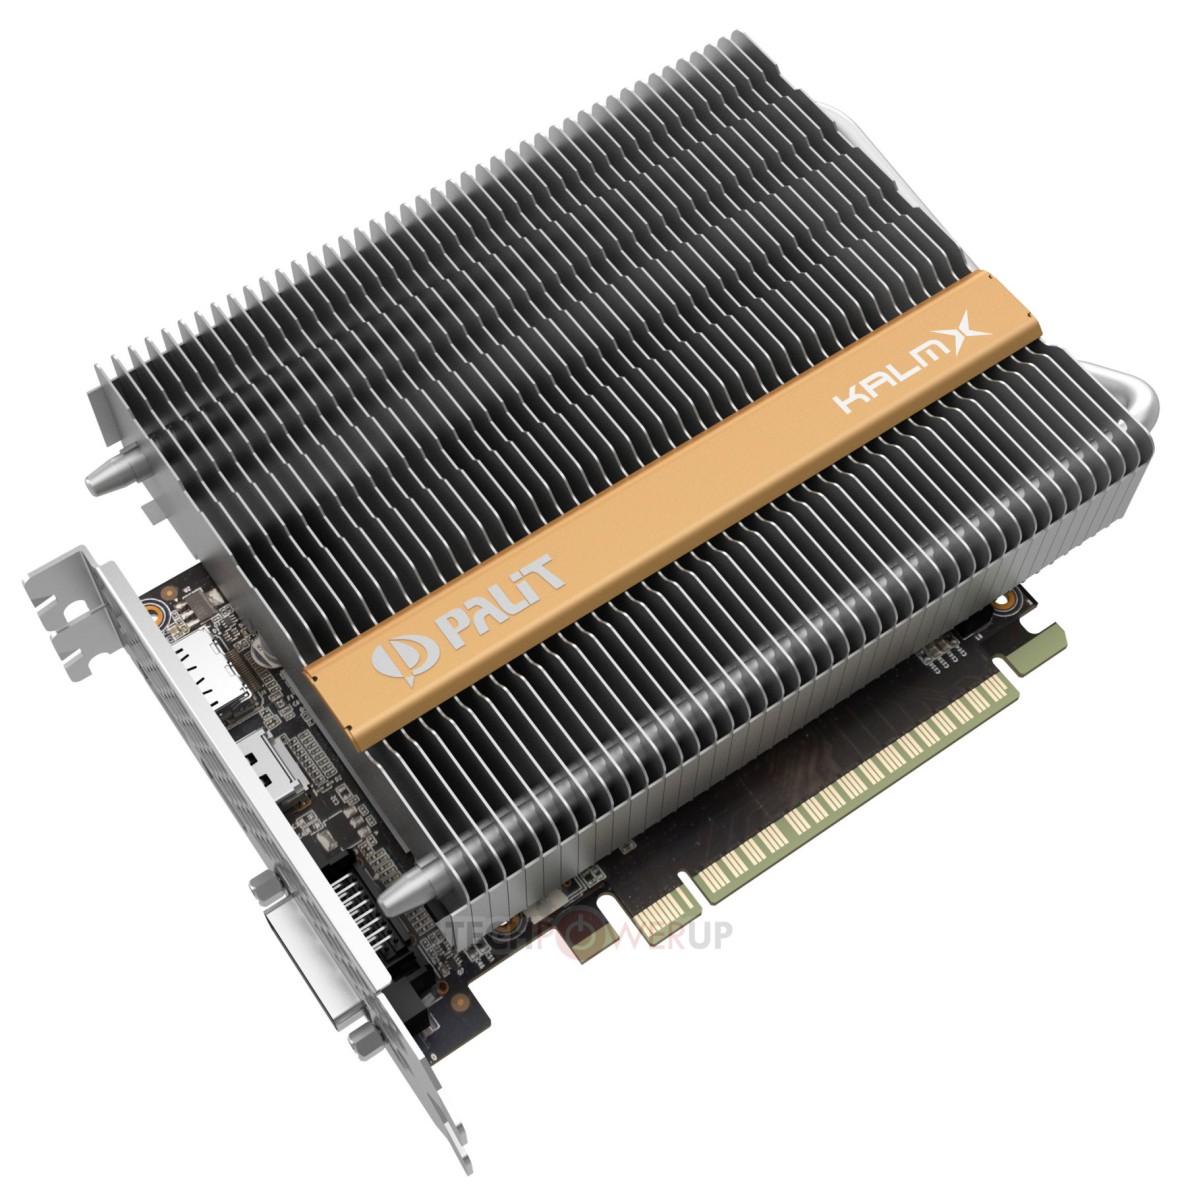 palit-geforce-gtx1050-ti-kalmx-2